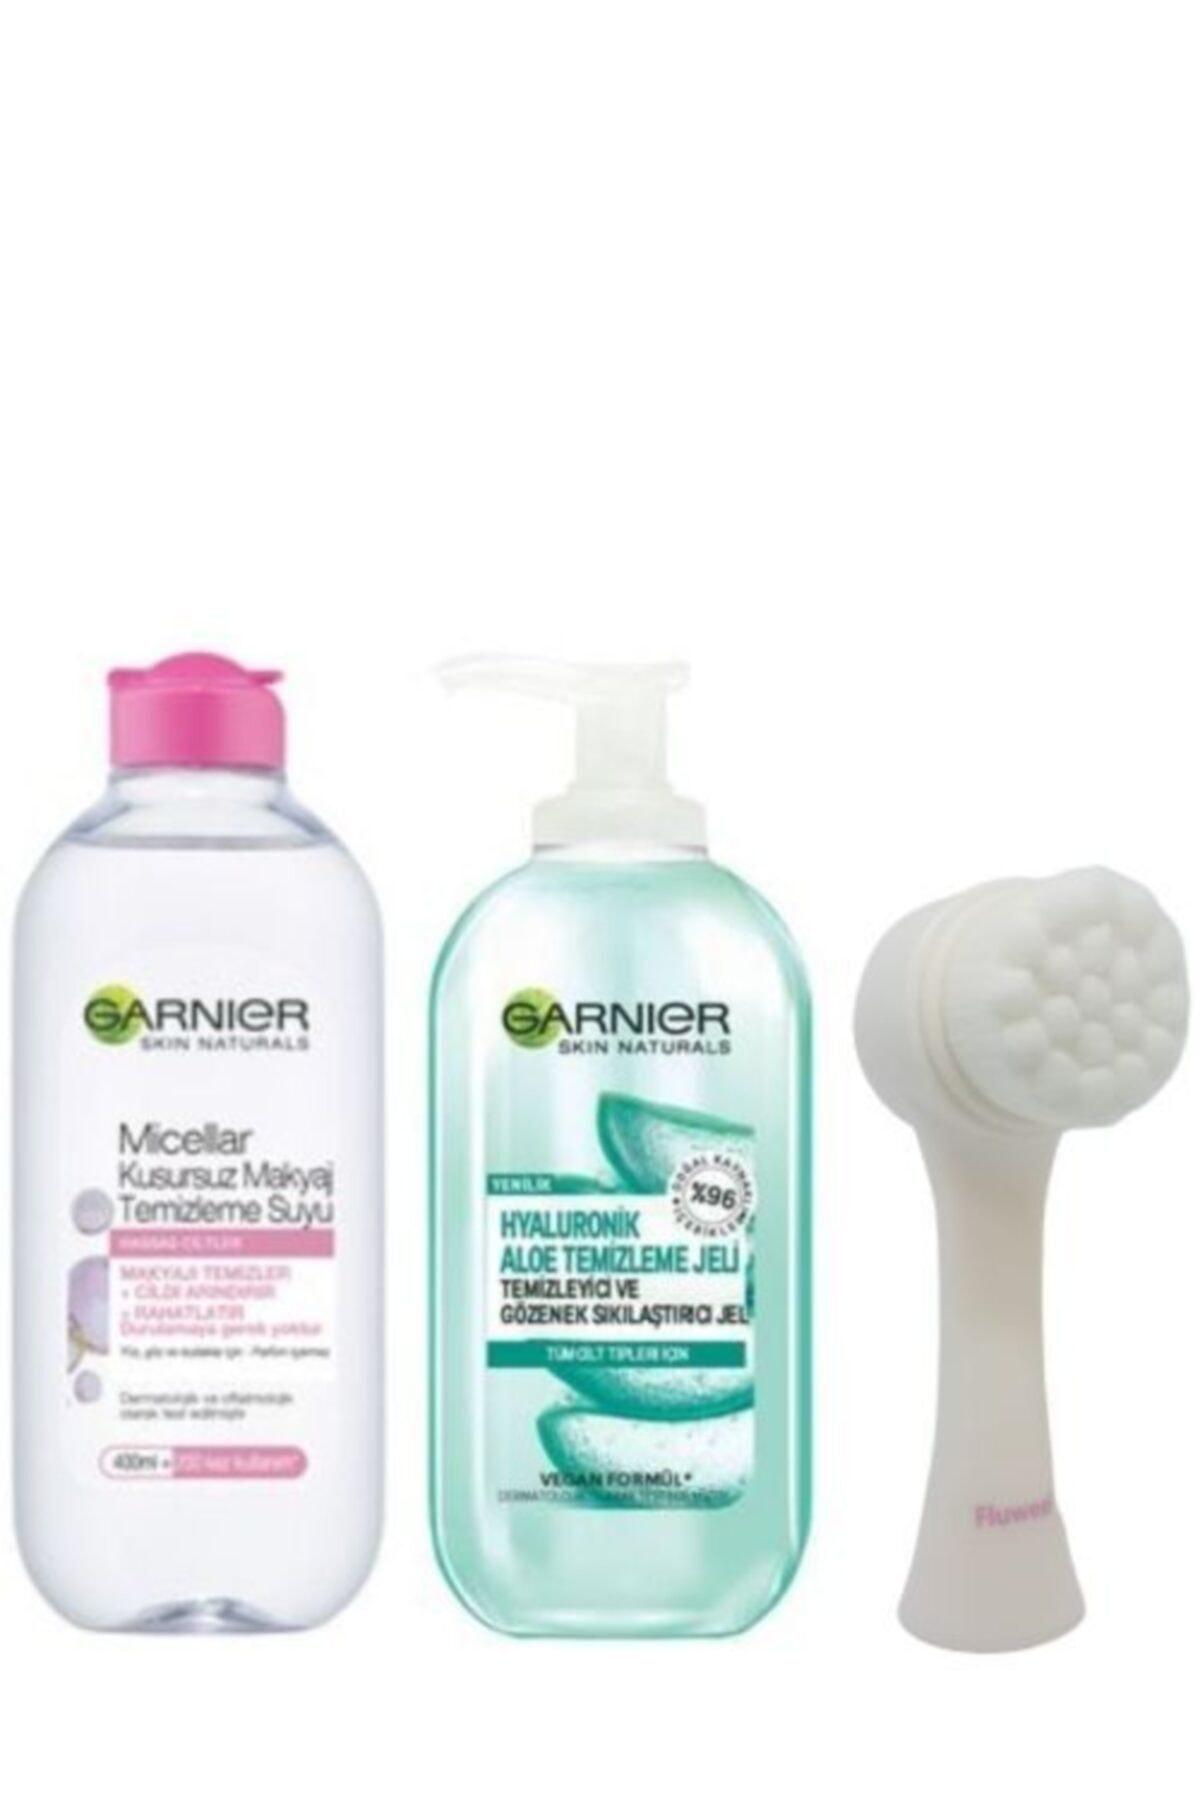 Garnier Makyaj Temizlik Suyu 400 ml  Hyaluronik Aloe Temizlik Jeli 200 Ml Fluweel Yüz Temizlik Fırçası